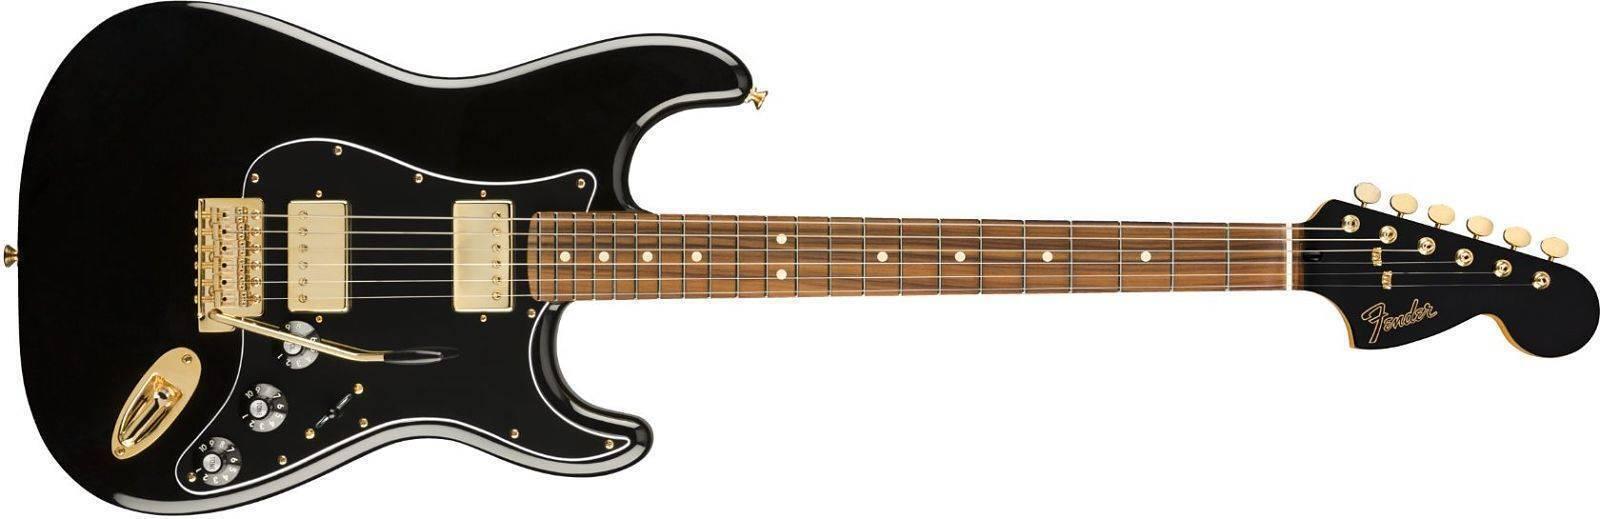 Guitarra Fender Stratocaster Caoba Blacktop edicion limitada